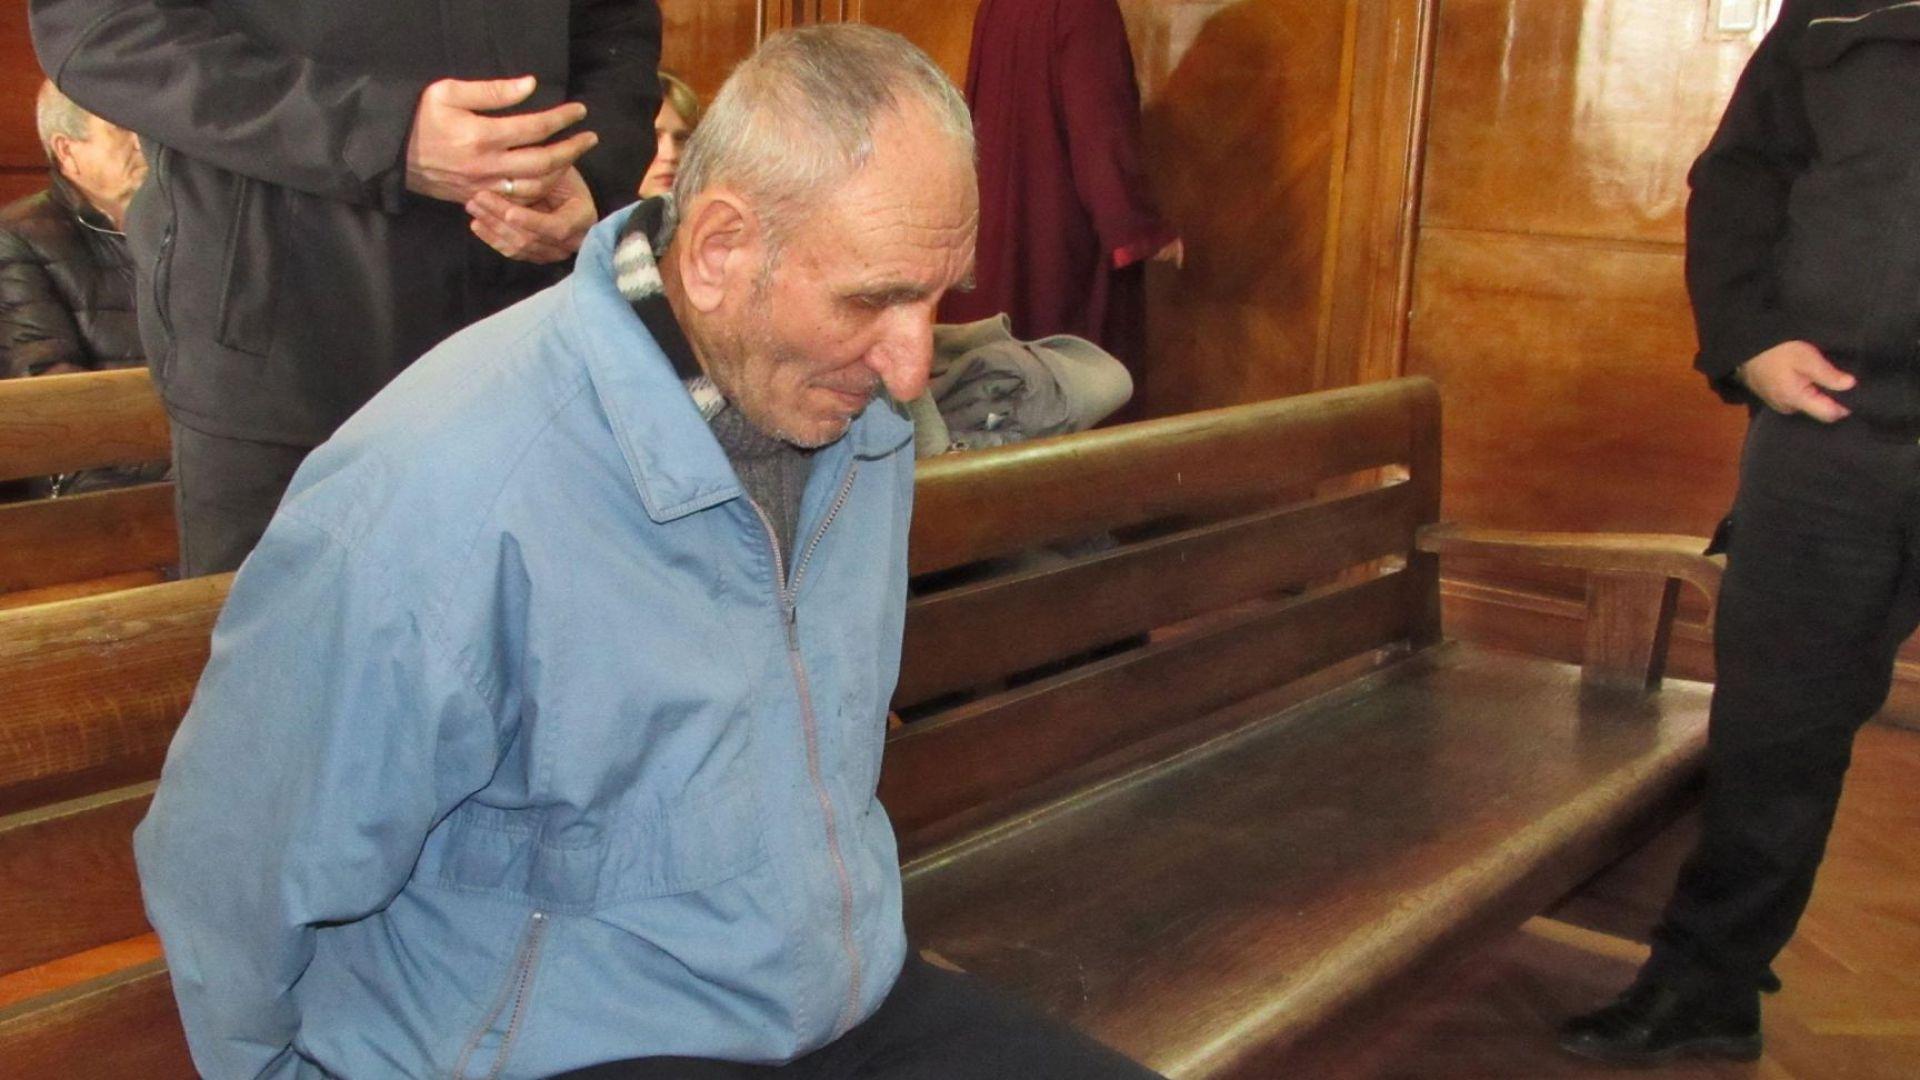 3 години затвор получи 76-годишния Петко Славов, който през ноември